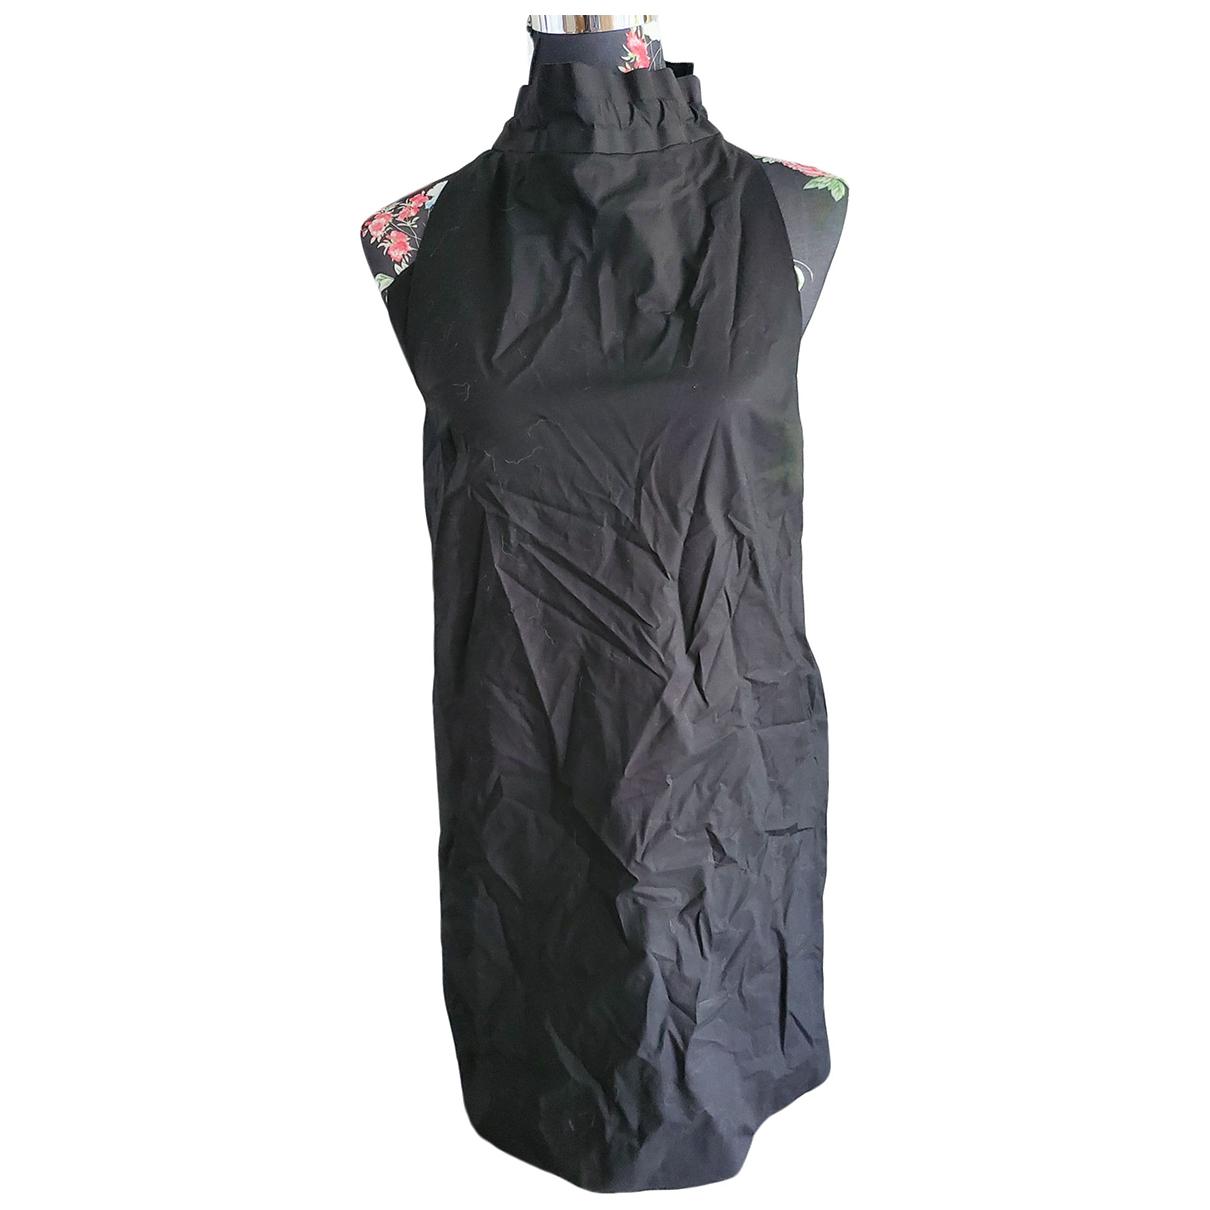 Cos \N Kleid in  Schwarz Baumwolle - Elasthan